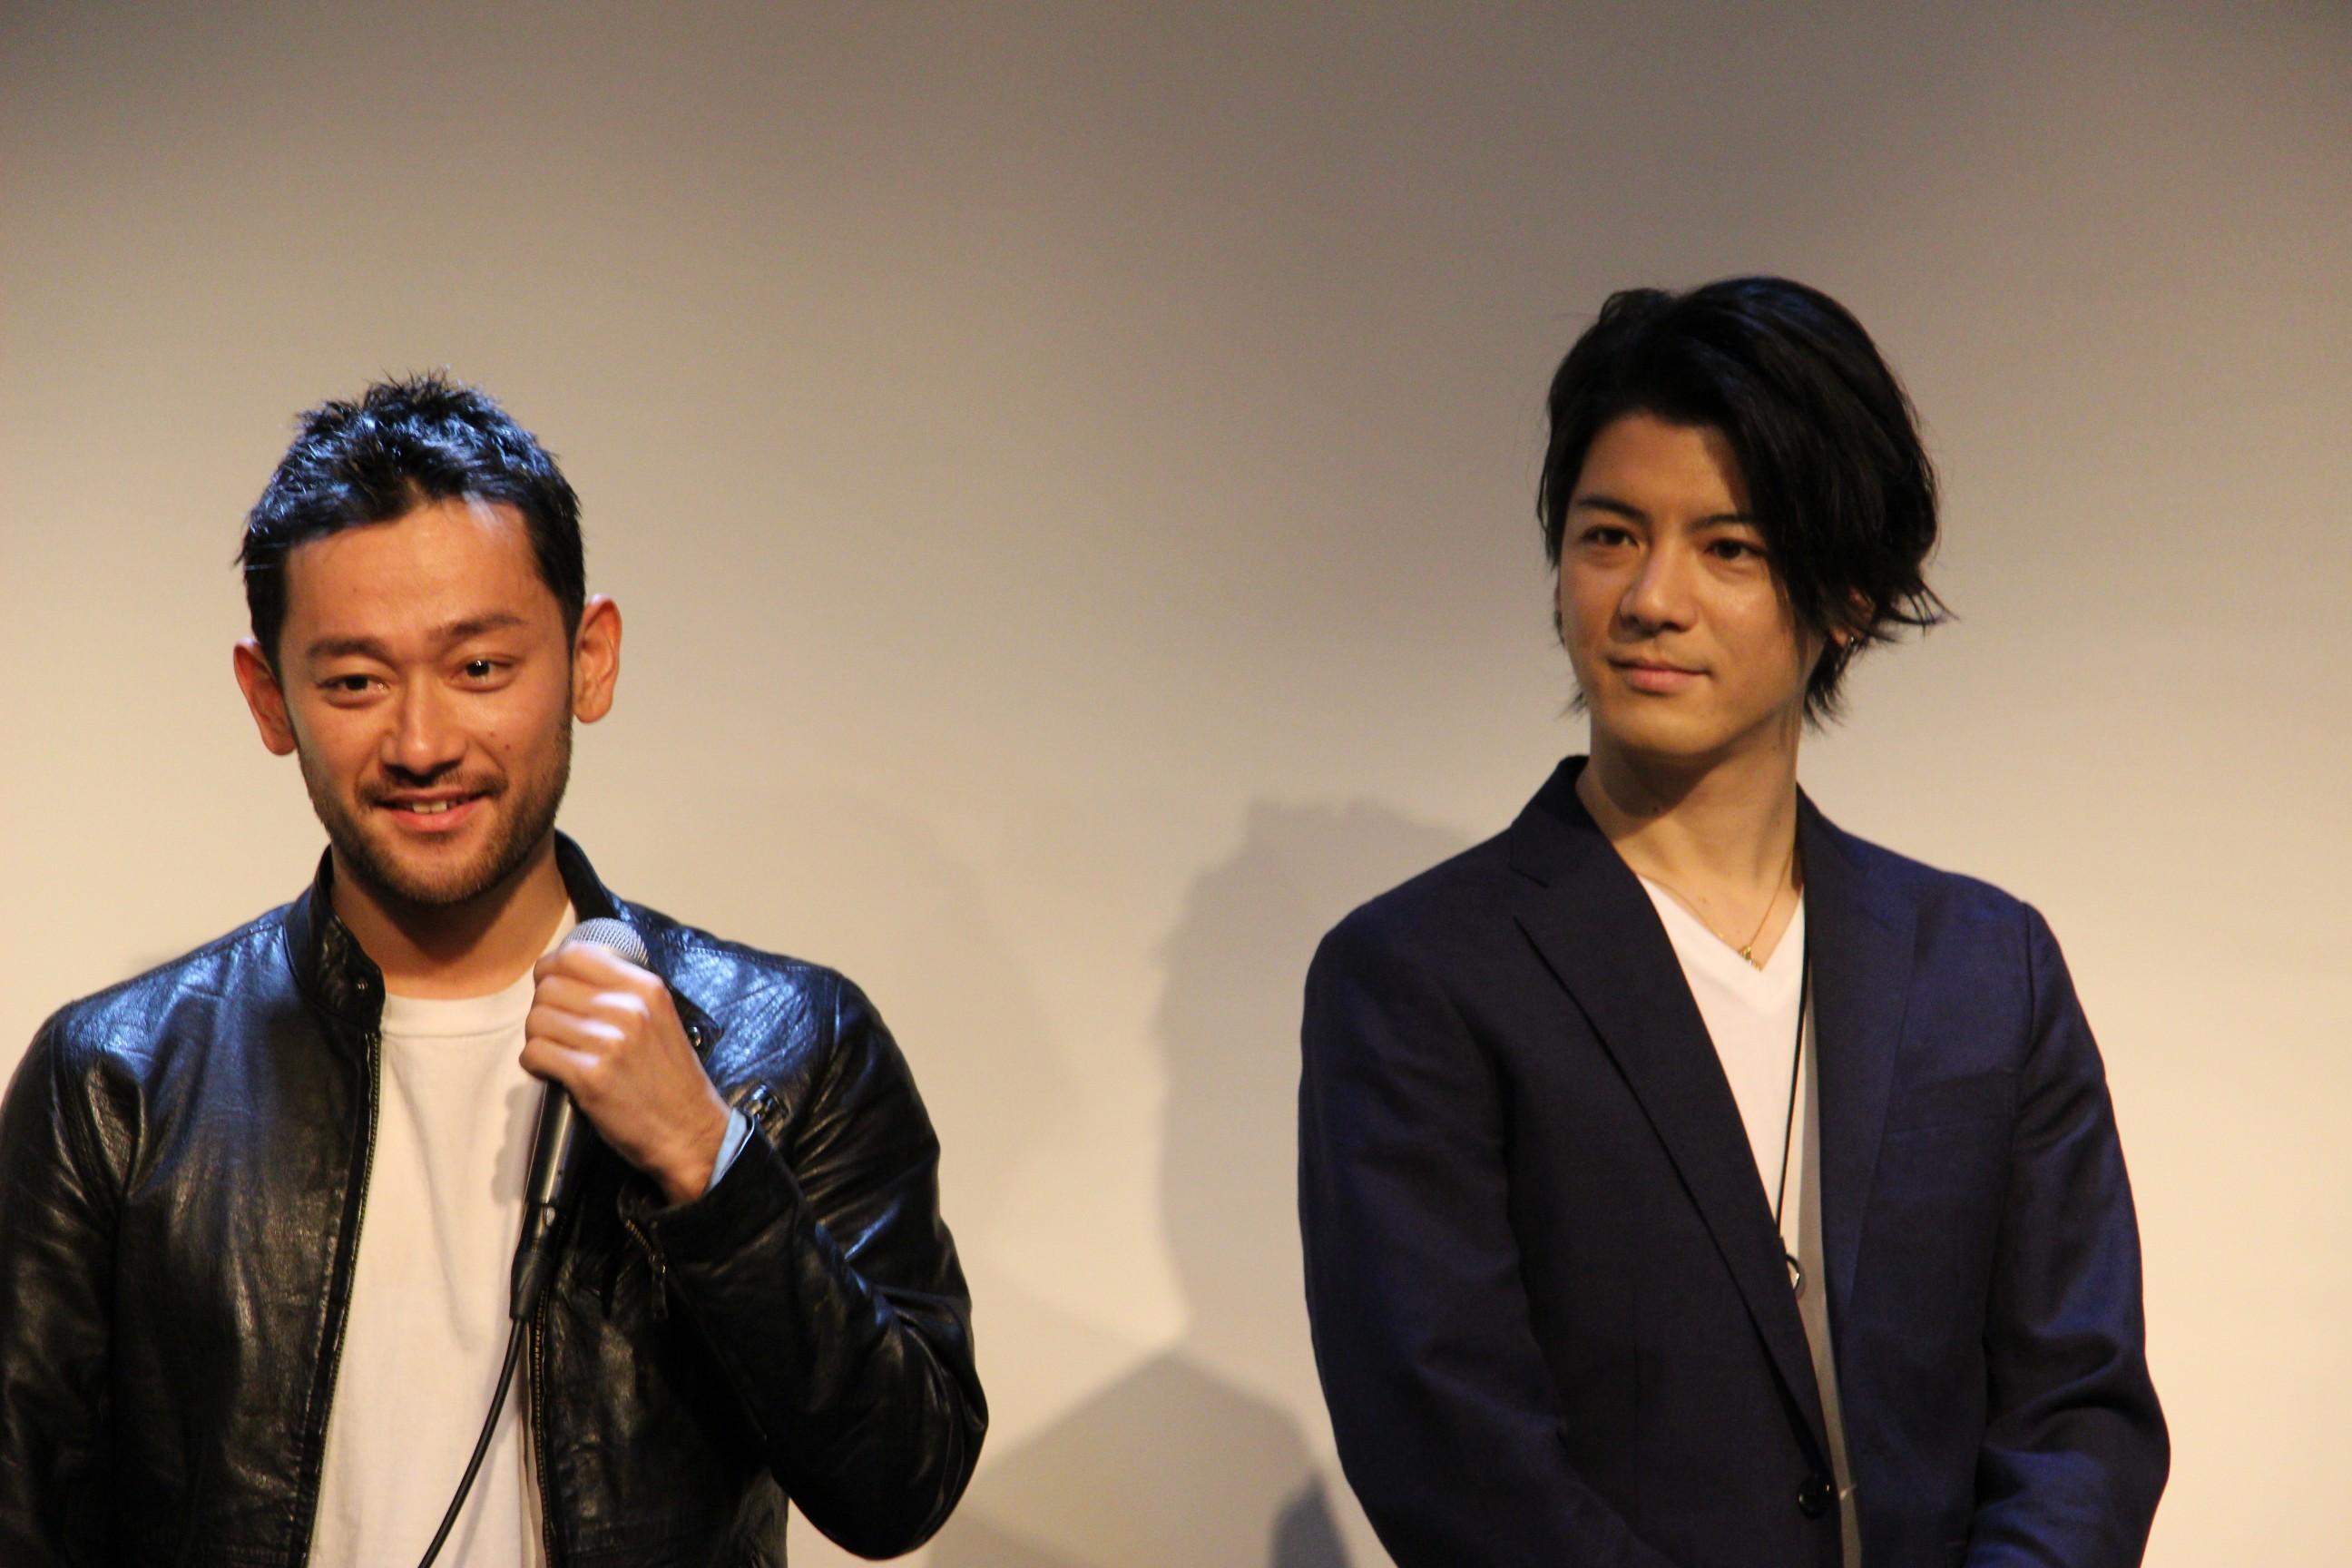 『昭和最強高校伝 國士参上!!』山根和馬(左)と中村誠治郎(右)